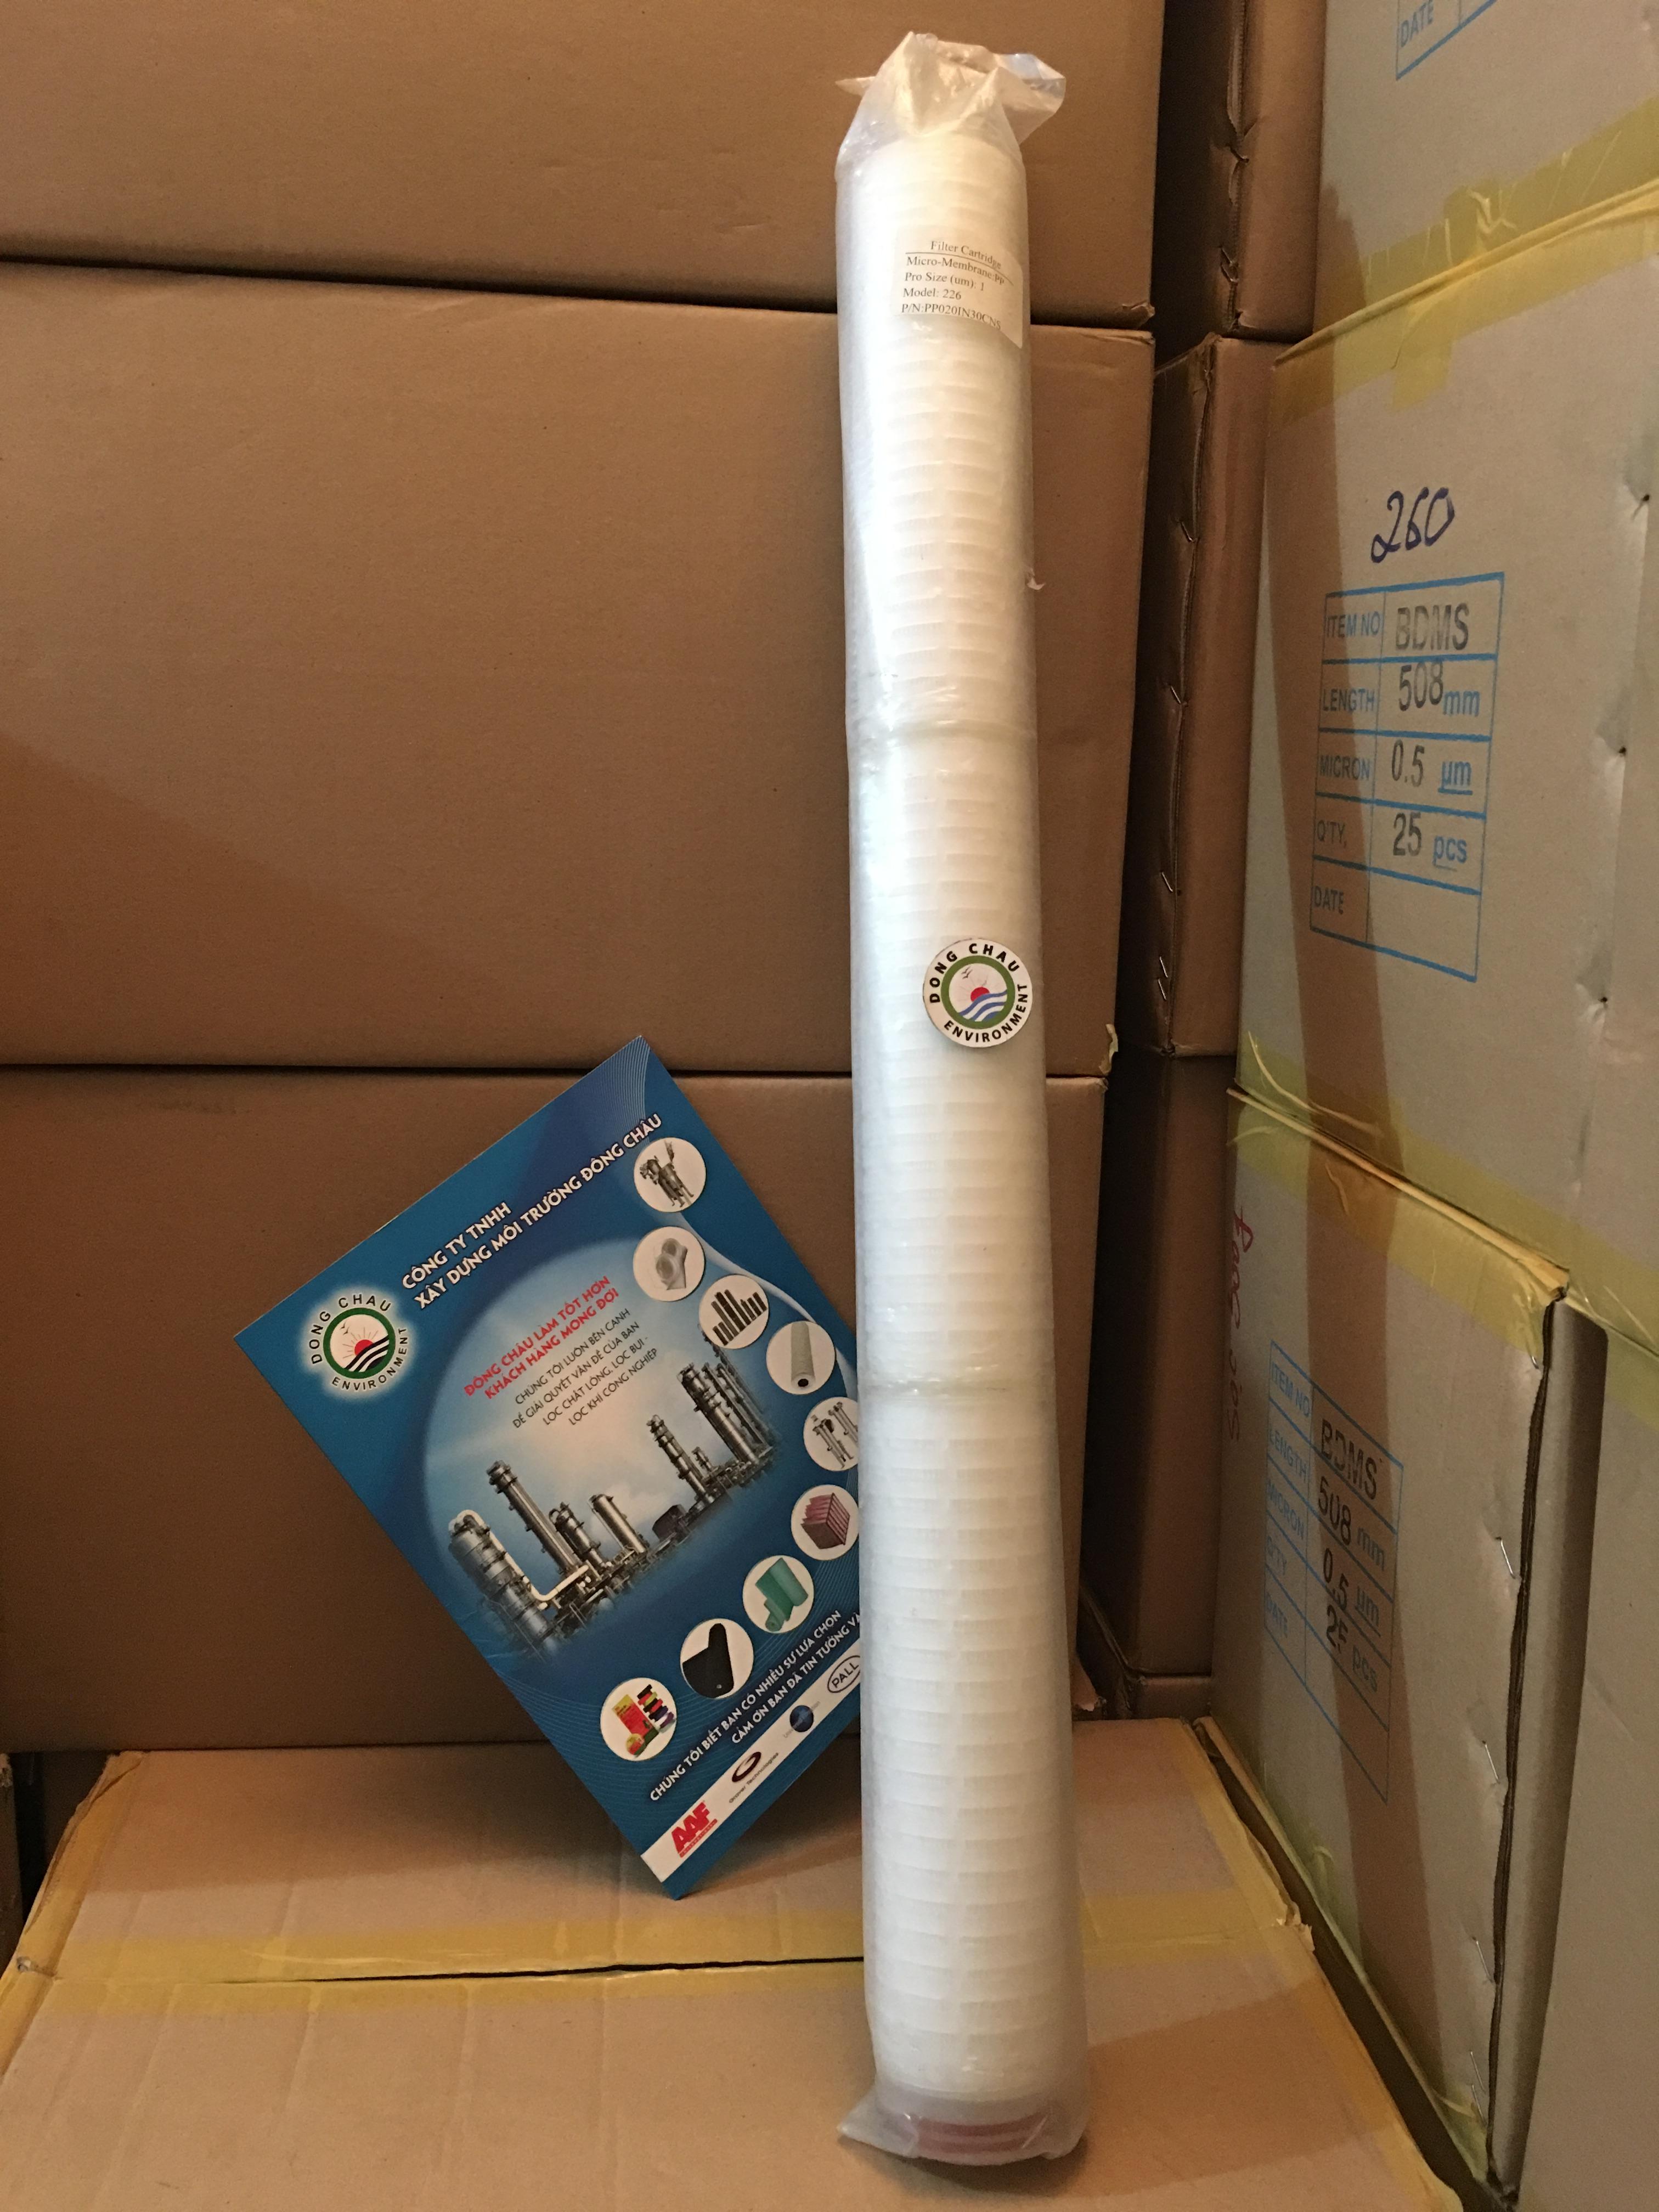 Lõi lọc giấy xếp 1 micron 30 inch oring 226